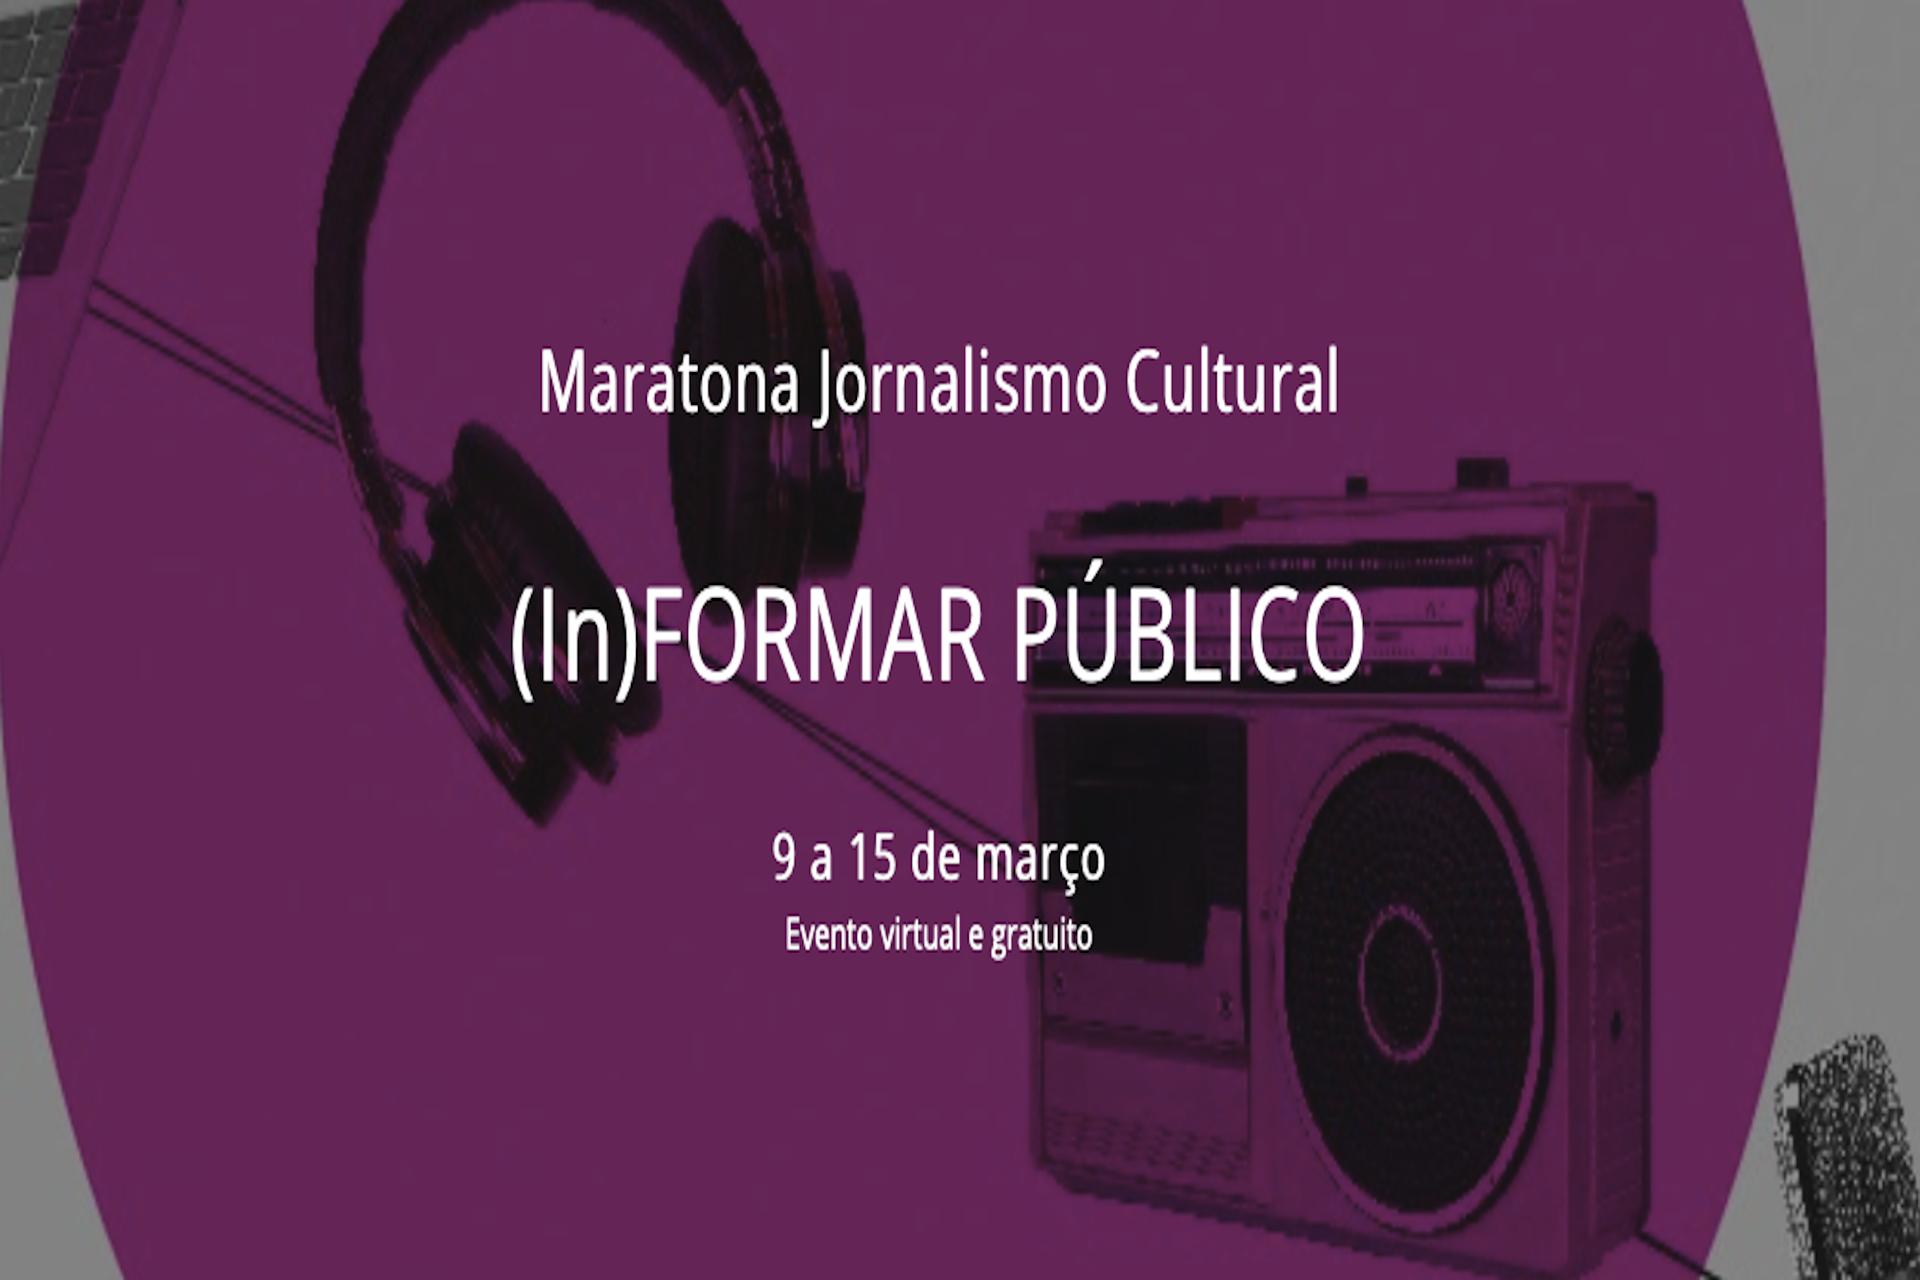 Mestranda do PPGCOM realiza evento sobre jornalismo cultural pela Lei Aldir Blanc; Jotabê Medeiros está entre os convidados